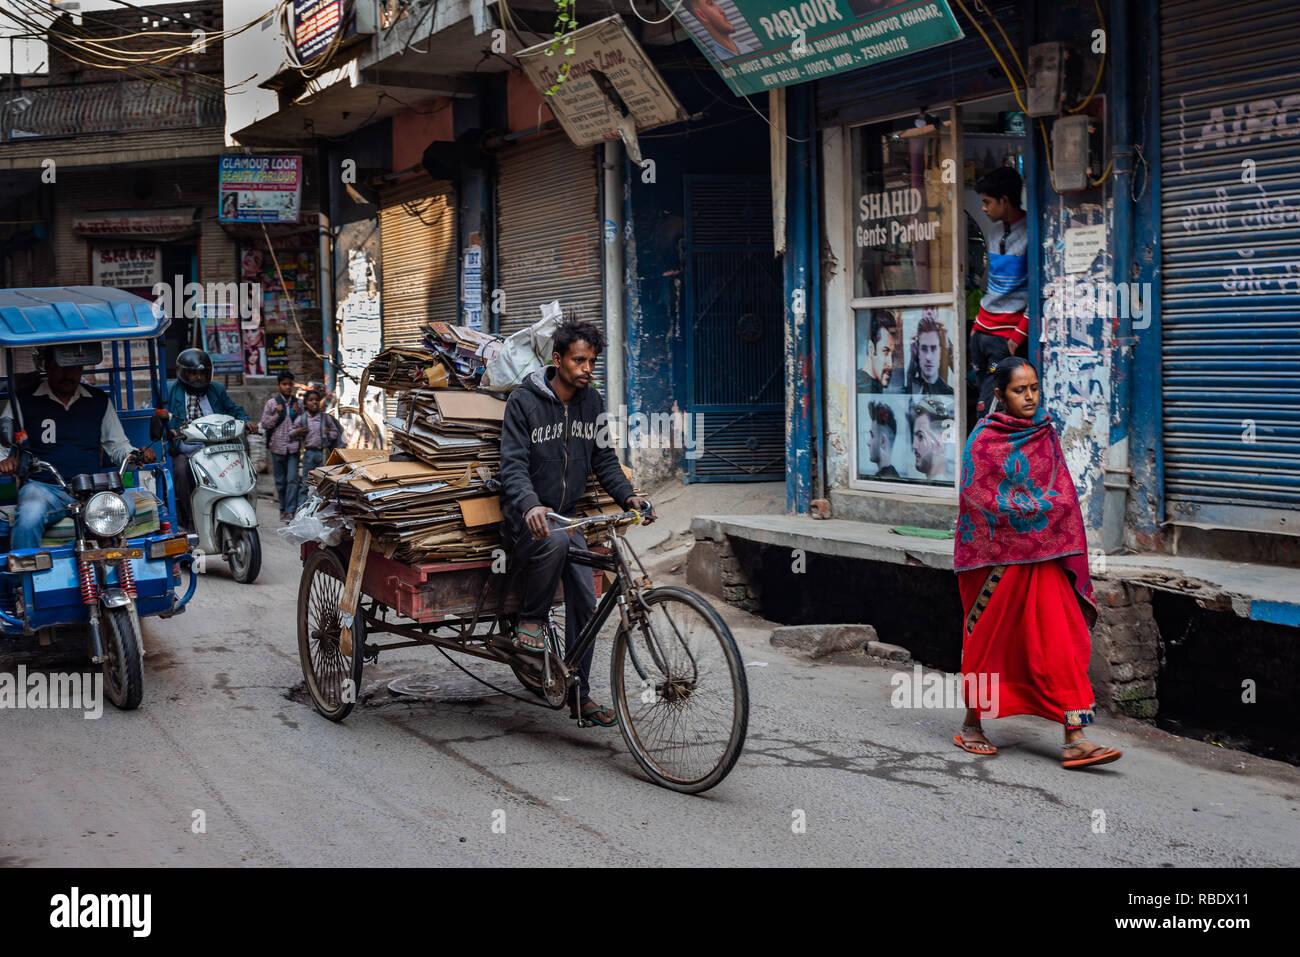 Modes de transport dans l'animation de Madanpur Khadar Village, New Delhi: Cycle rickshaw, e-rickshaw et un piéton Photo Stock